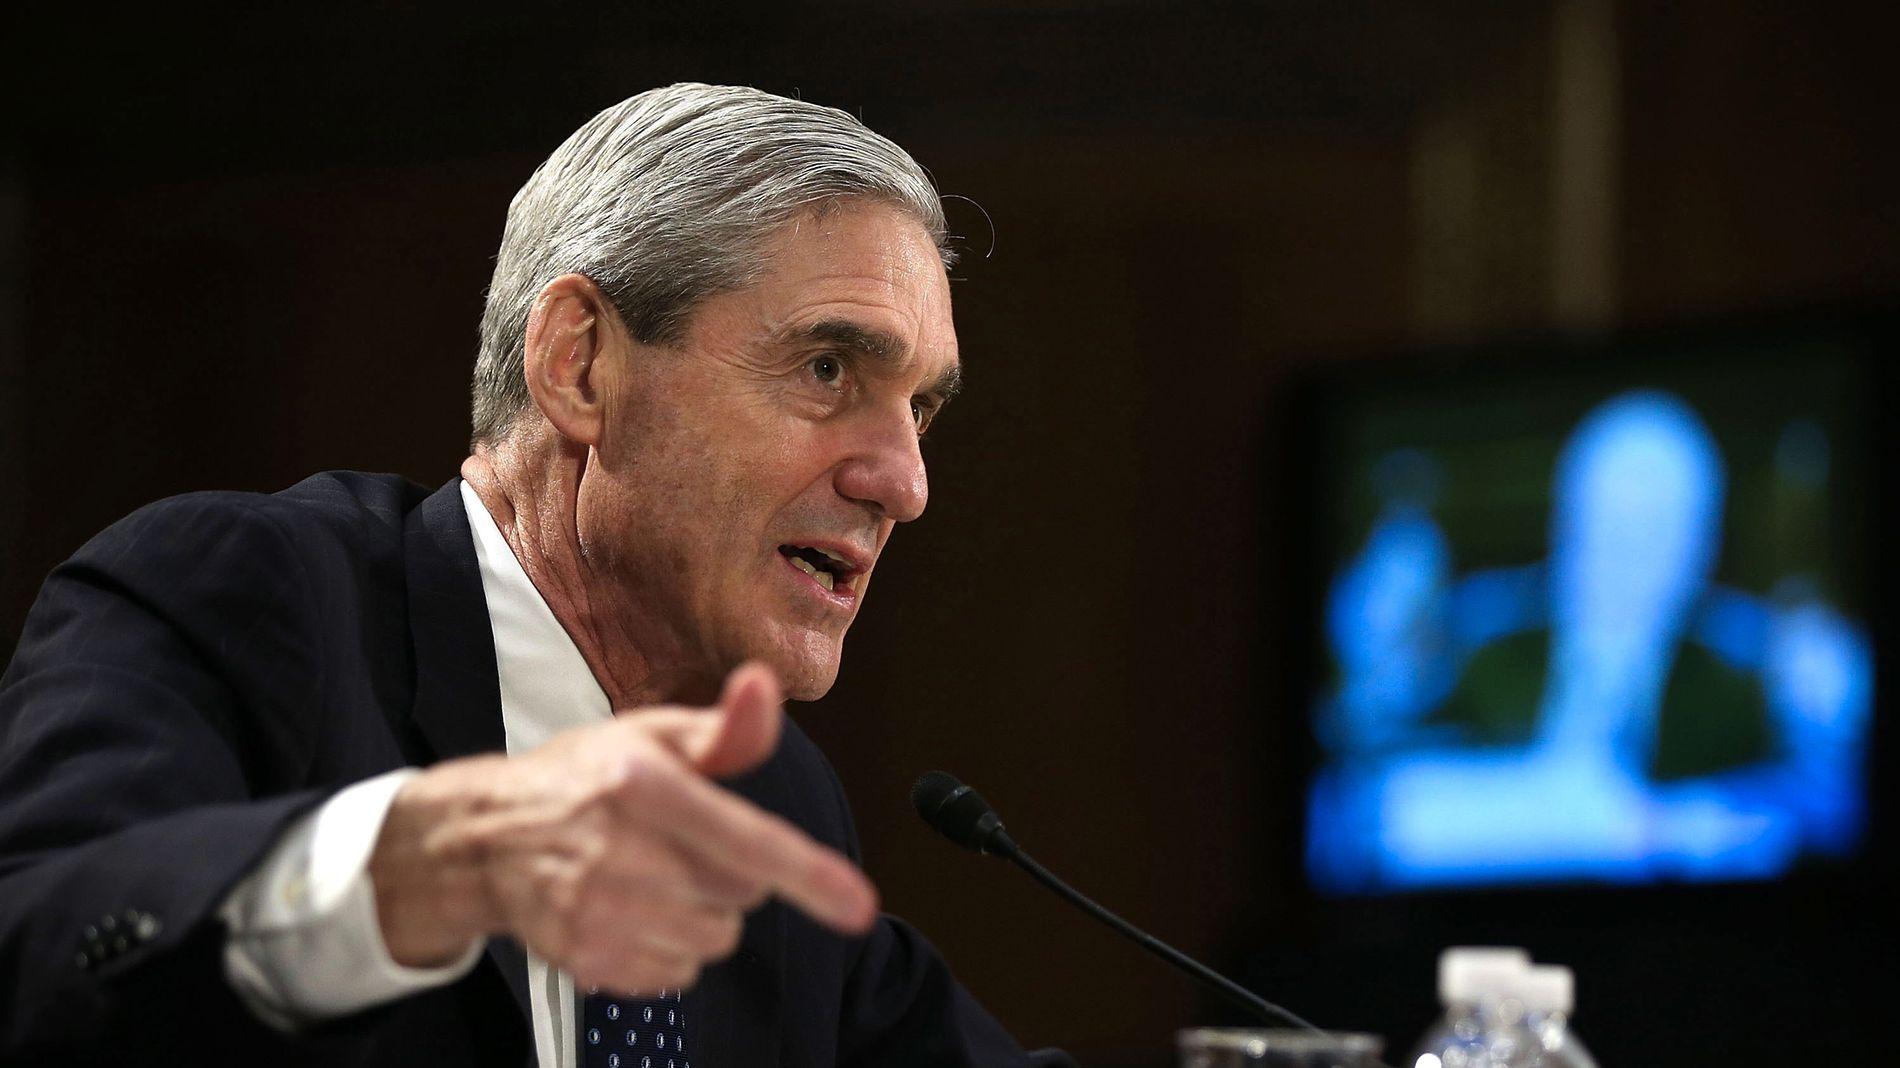 UNDERSØKTE: Robert Mueller har stått bak den to år lange etterforskningen som endte i en 448 sider lang rapport denne uken.